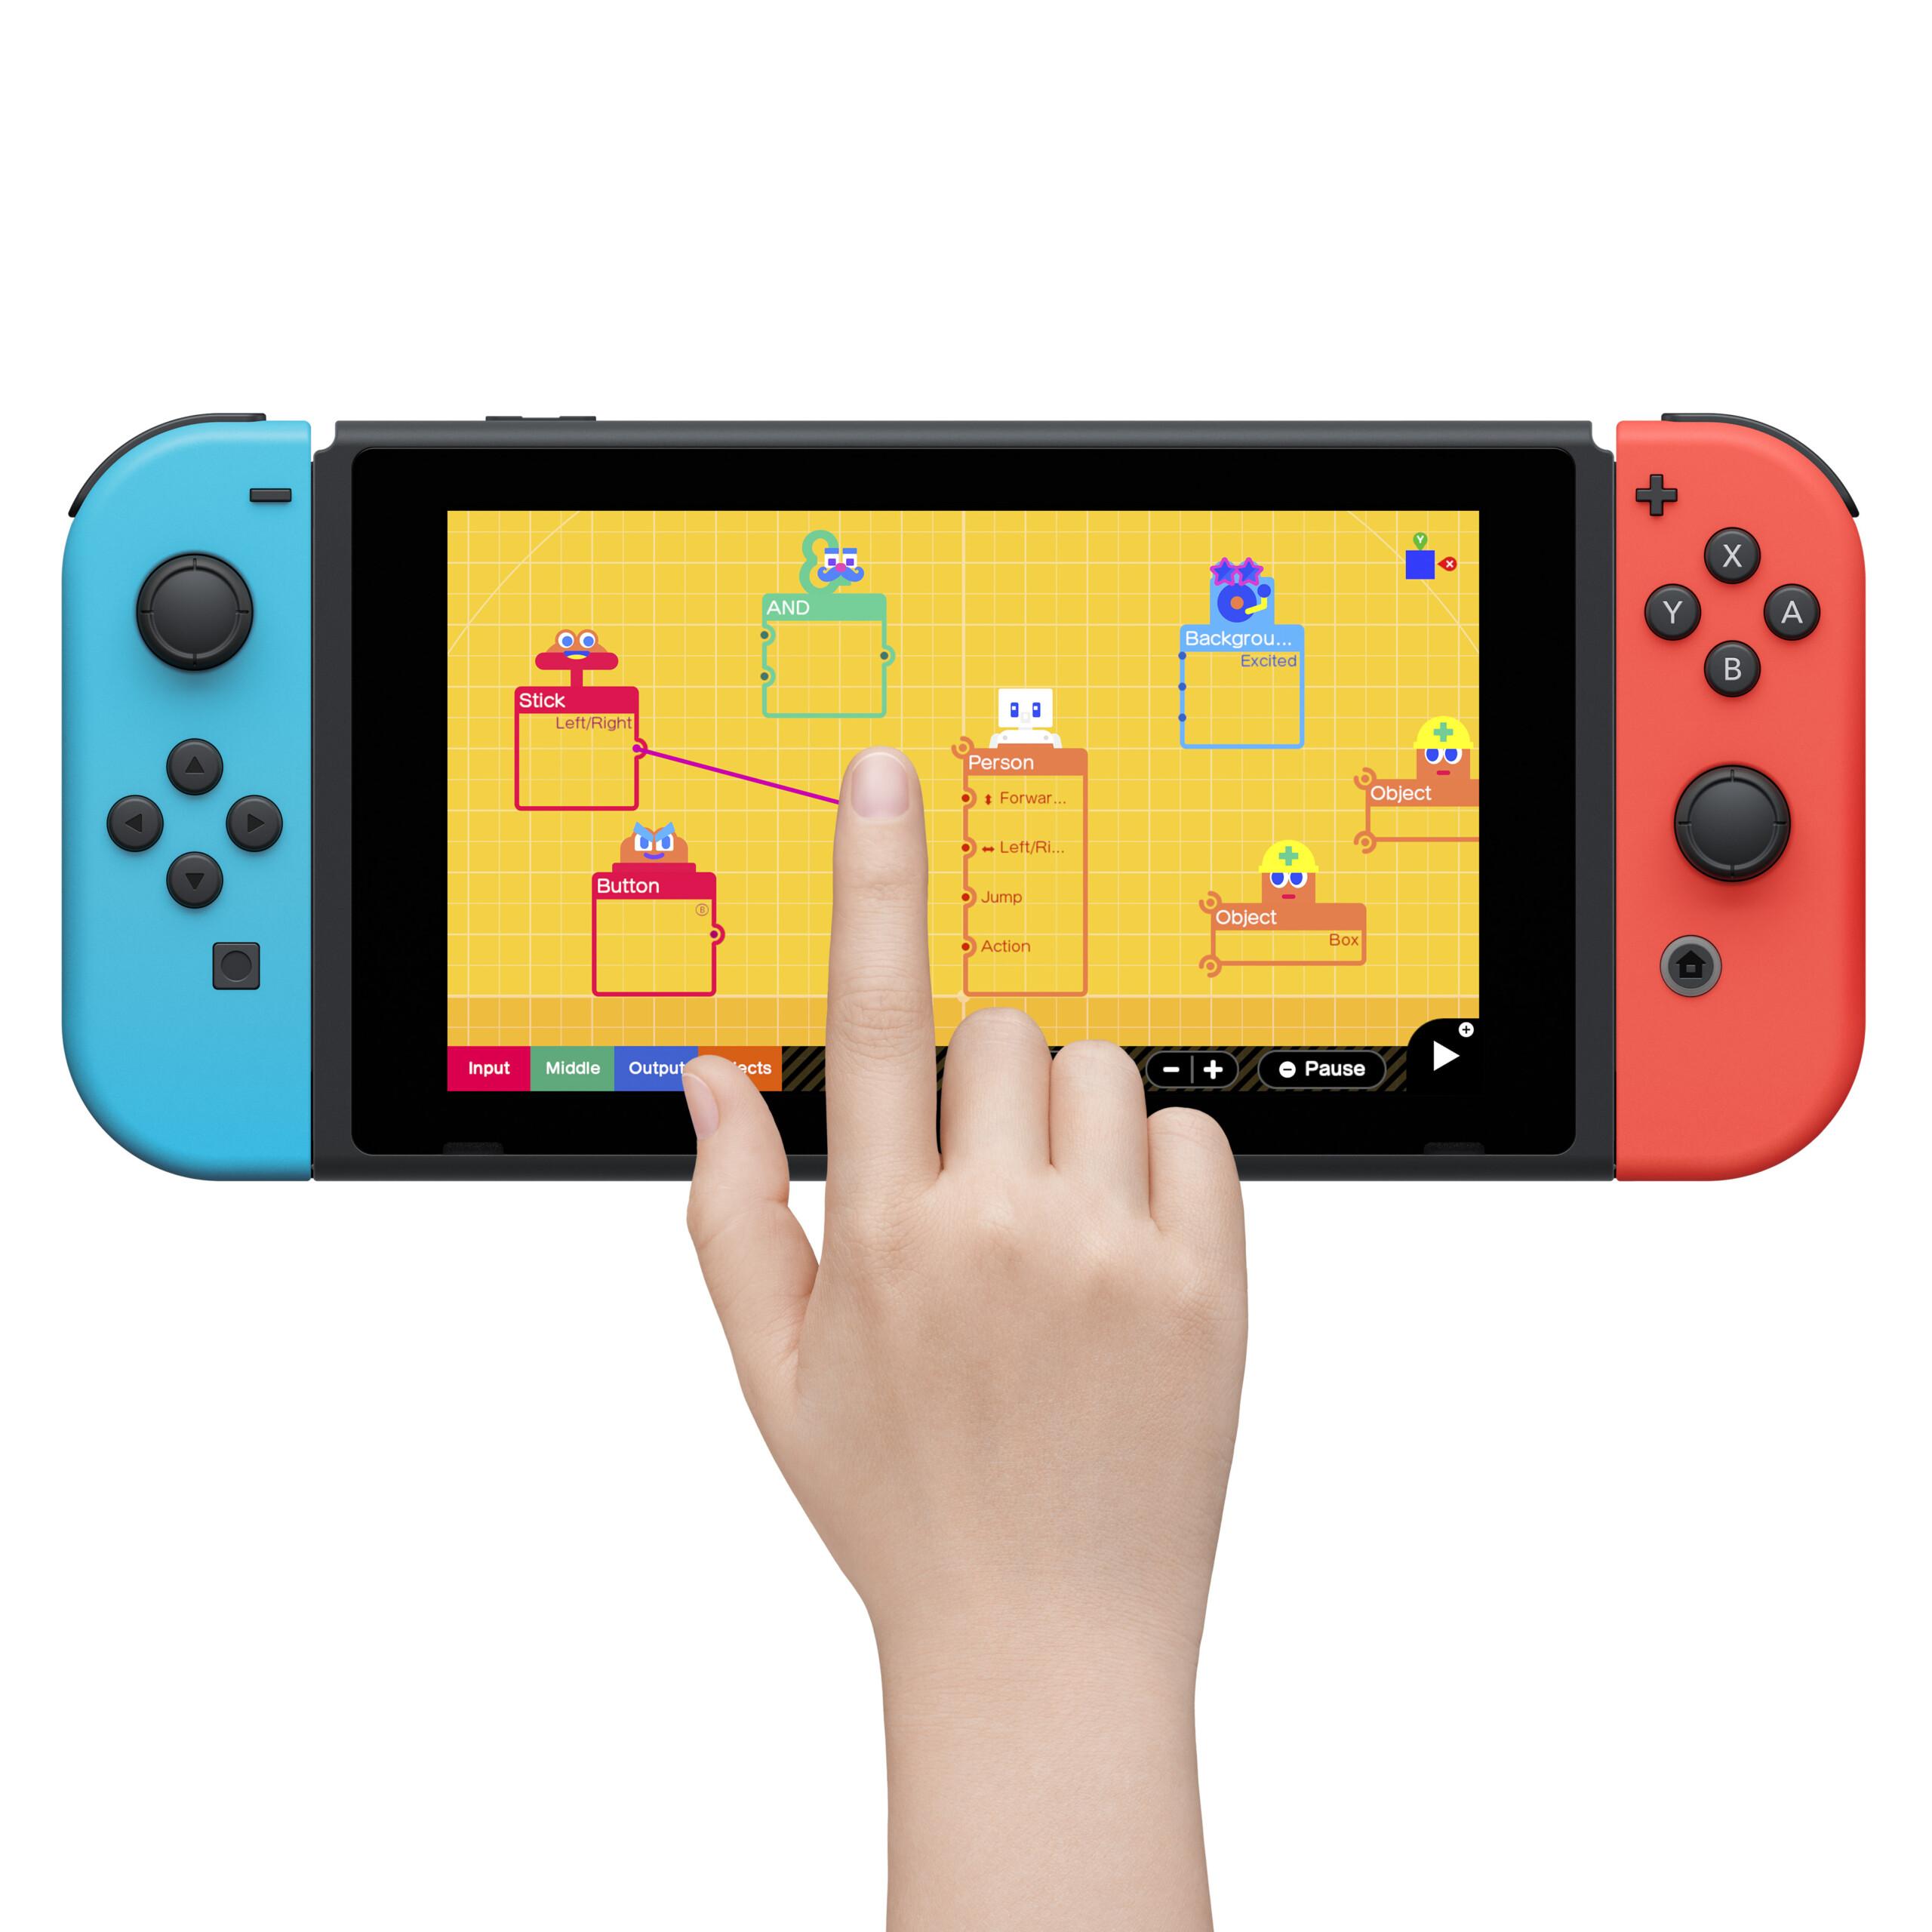 Avec L'Atelier du jeu vidéo, Nintendo veut faire de vous des créateurs de jeux